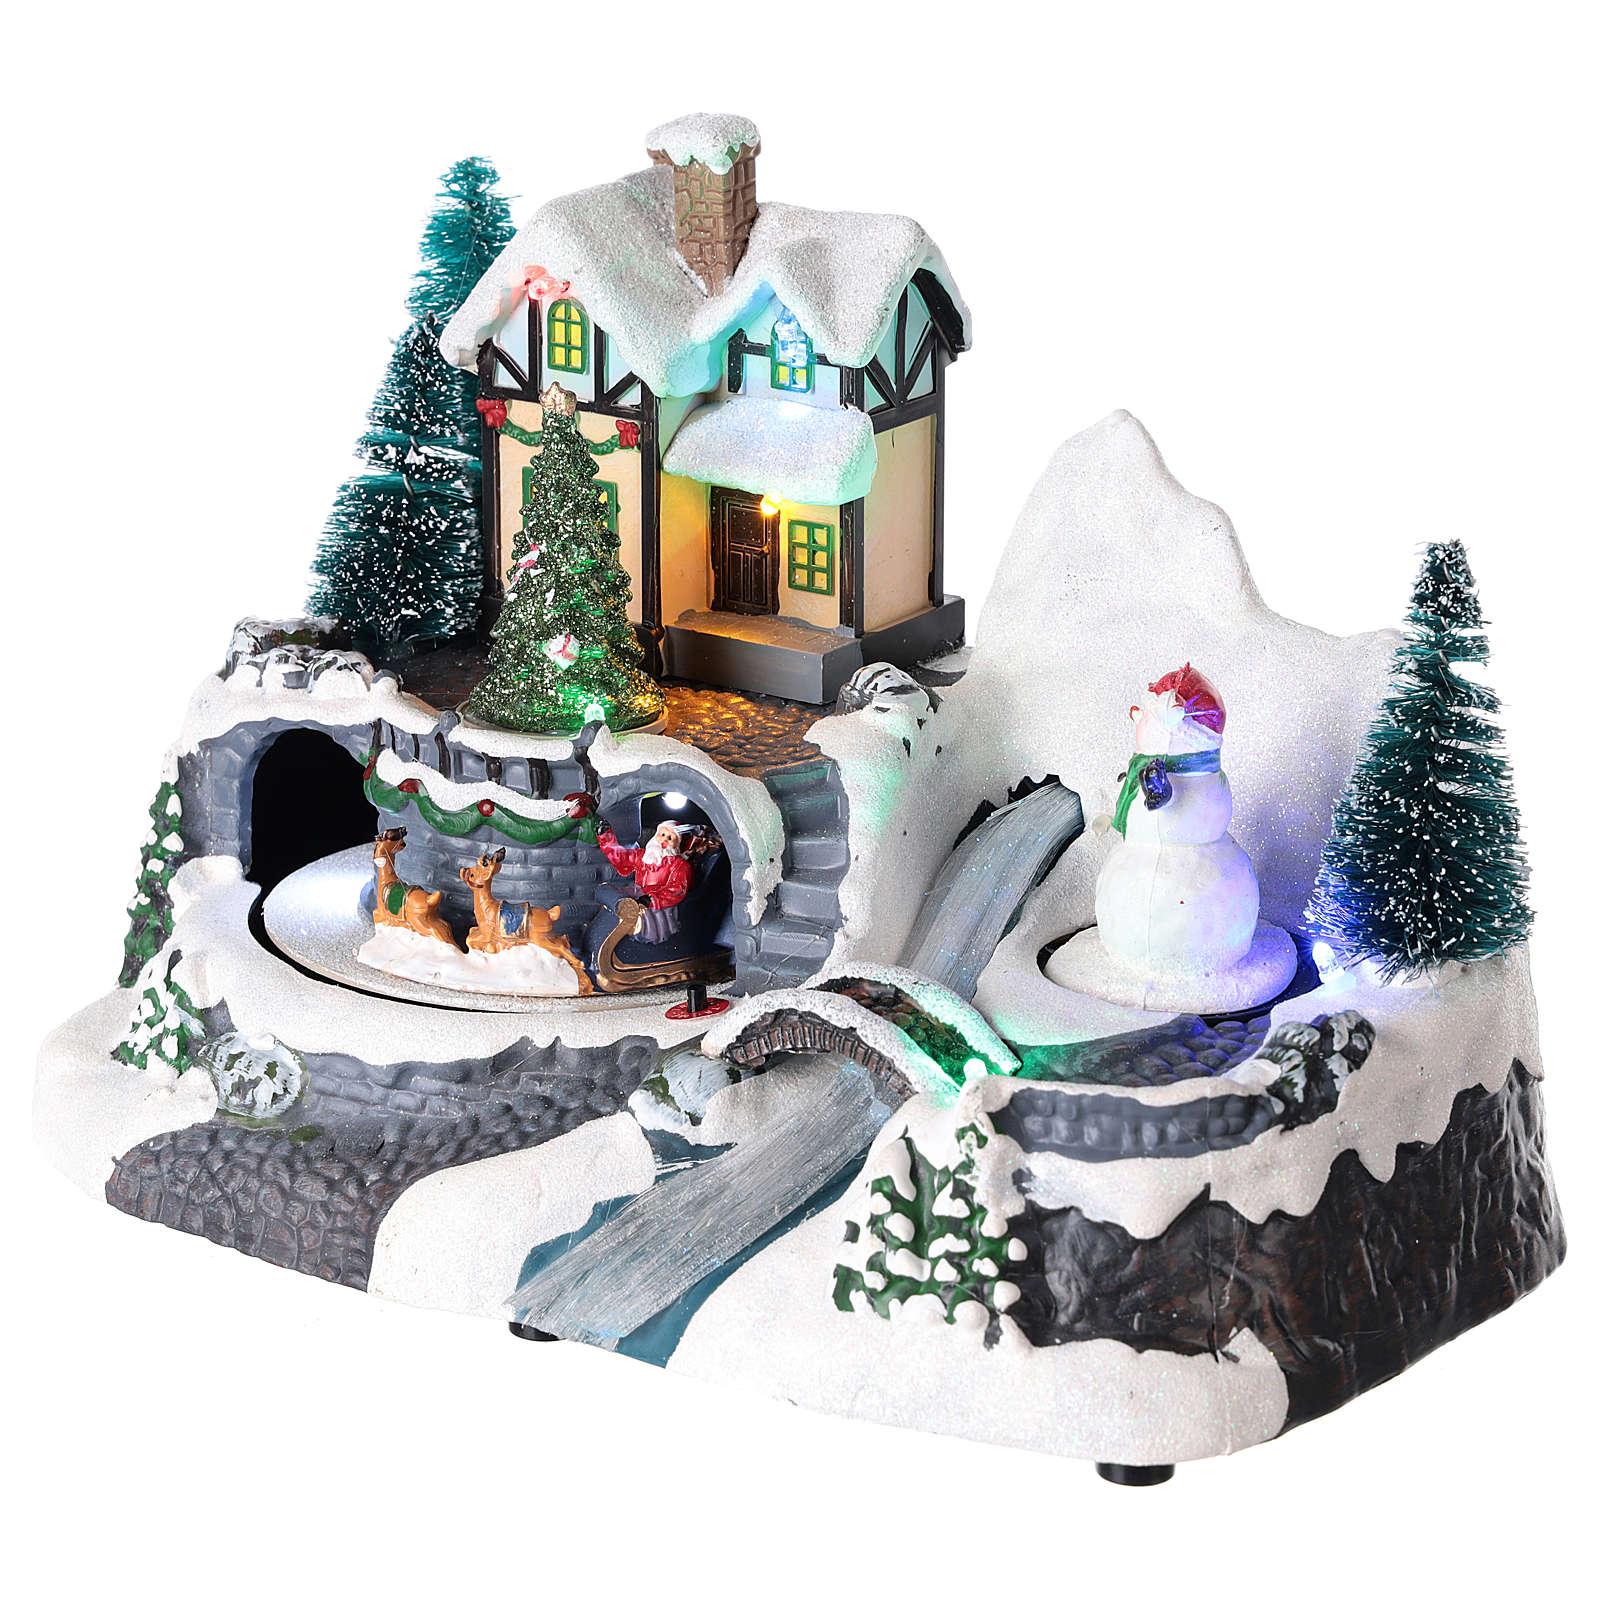 Villaggio con Babbo Natale su slitta in movimento 20x25x15 cm 3